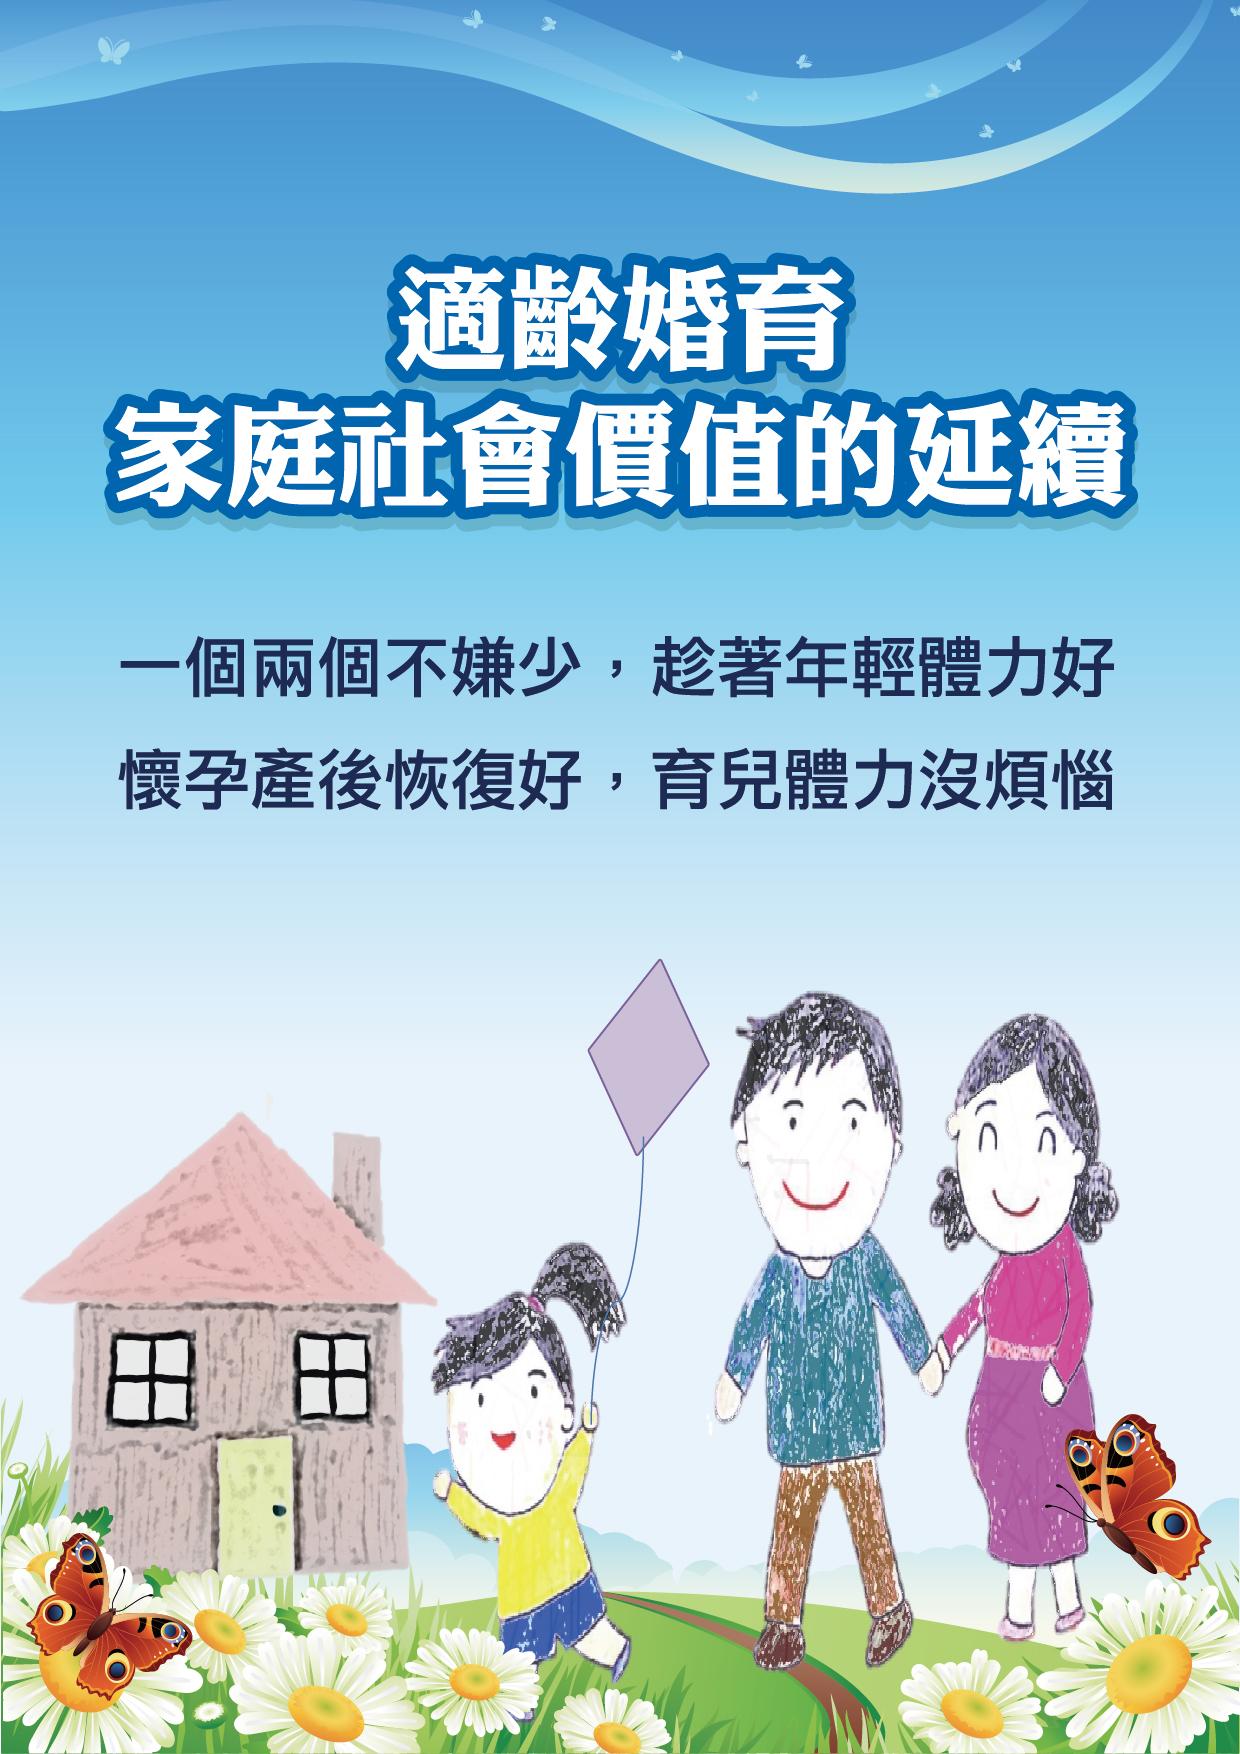 適齡婚育-家庭社會價值的延續